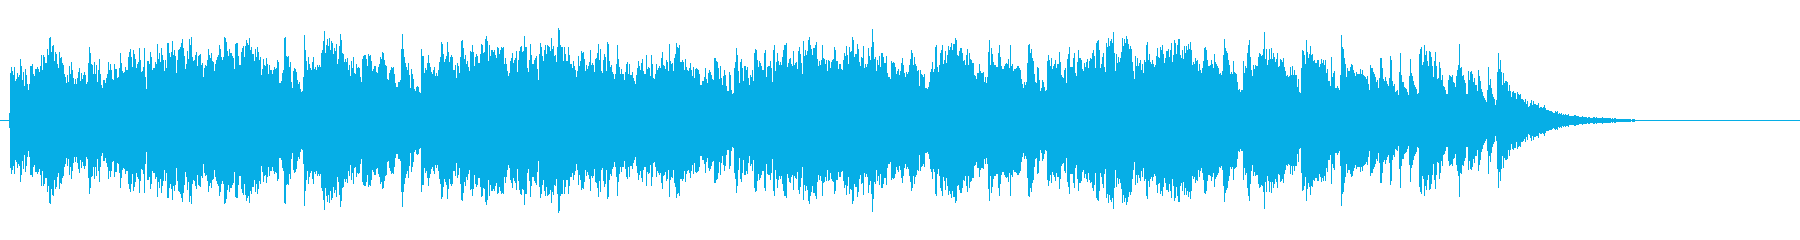 エキゾチックなチャイニーズ風の再生済みの波形